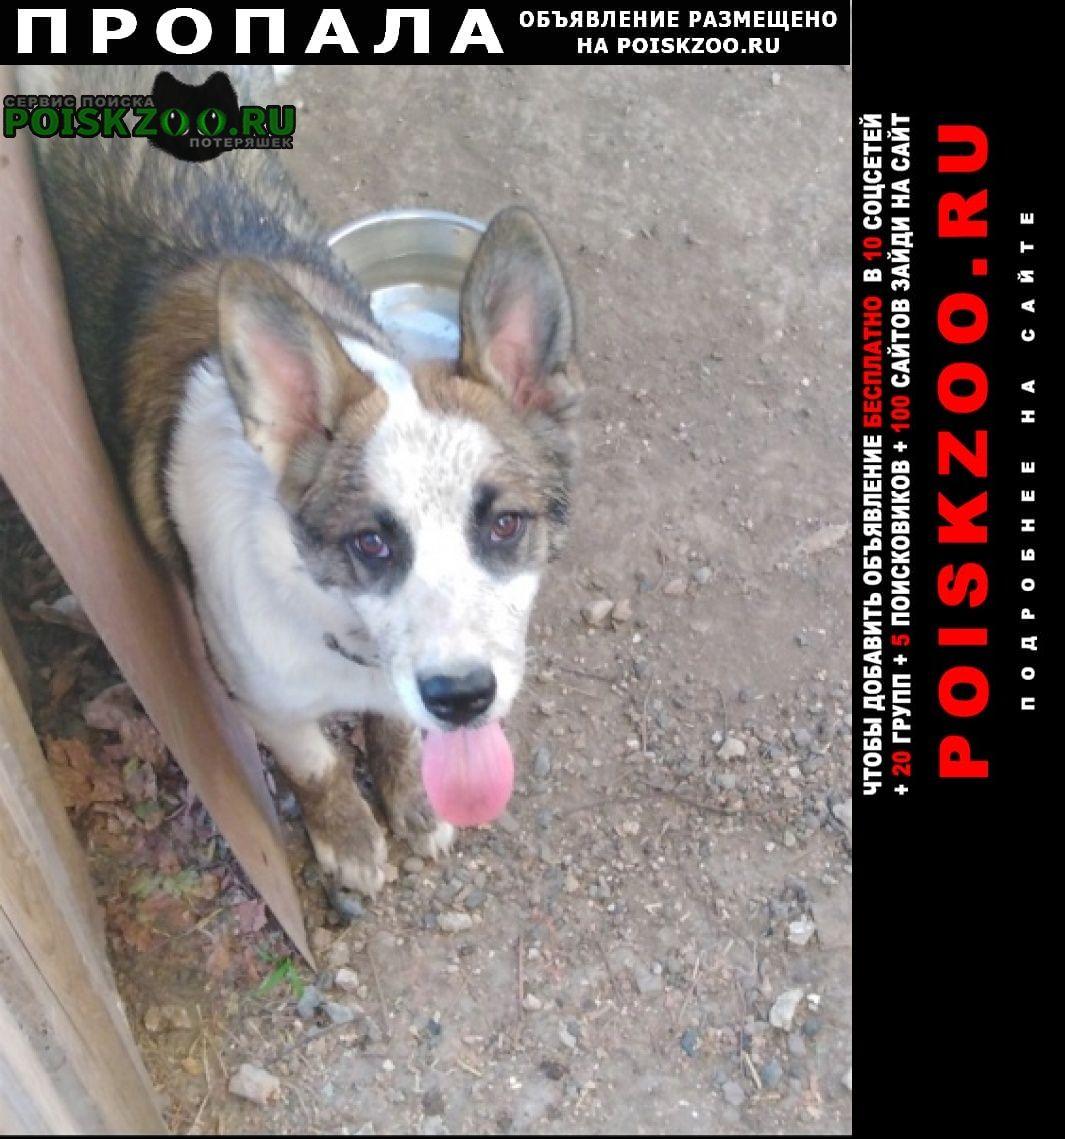 Пропала собака вознаграждение 3000 рублей Красногвардейское